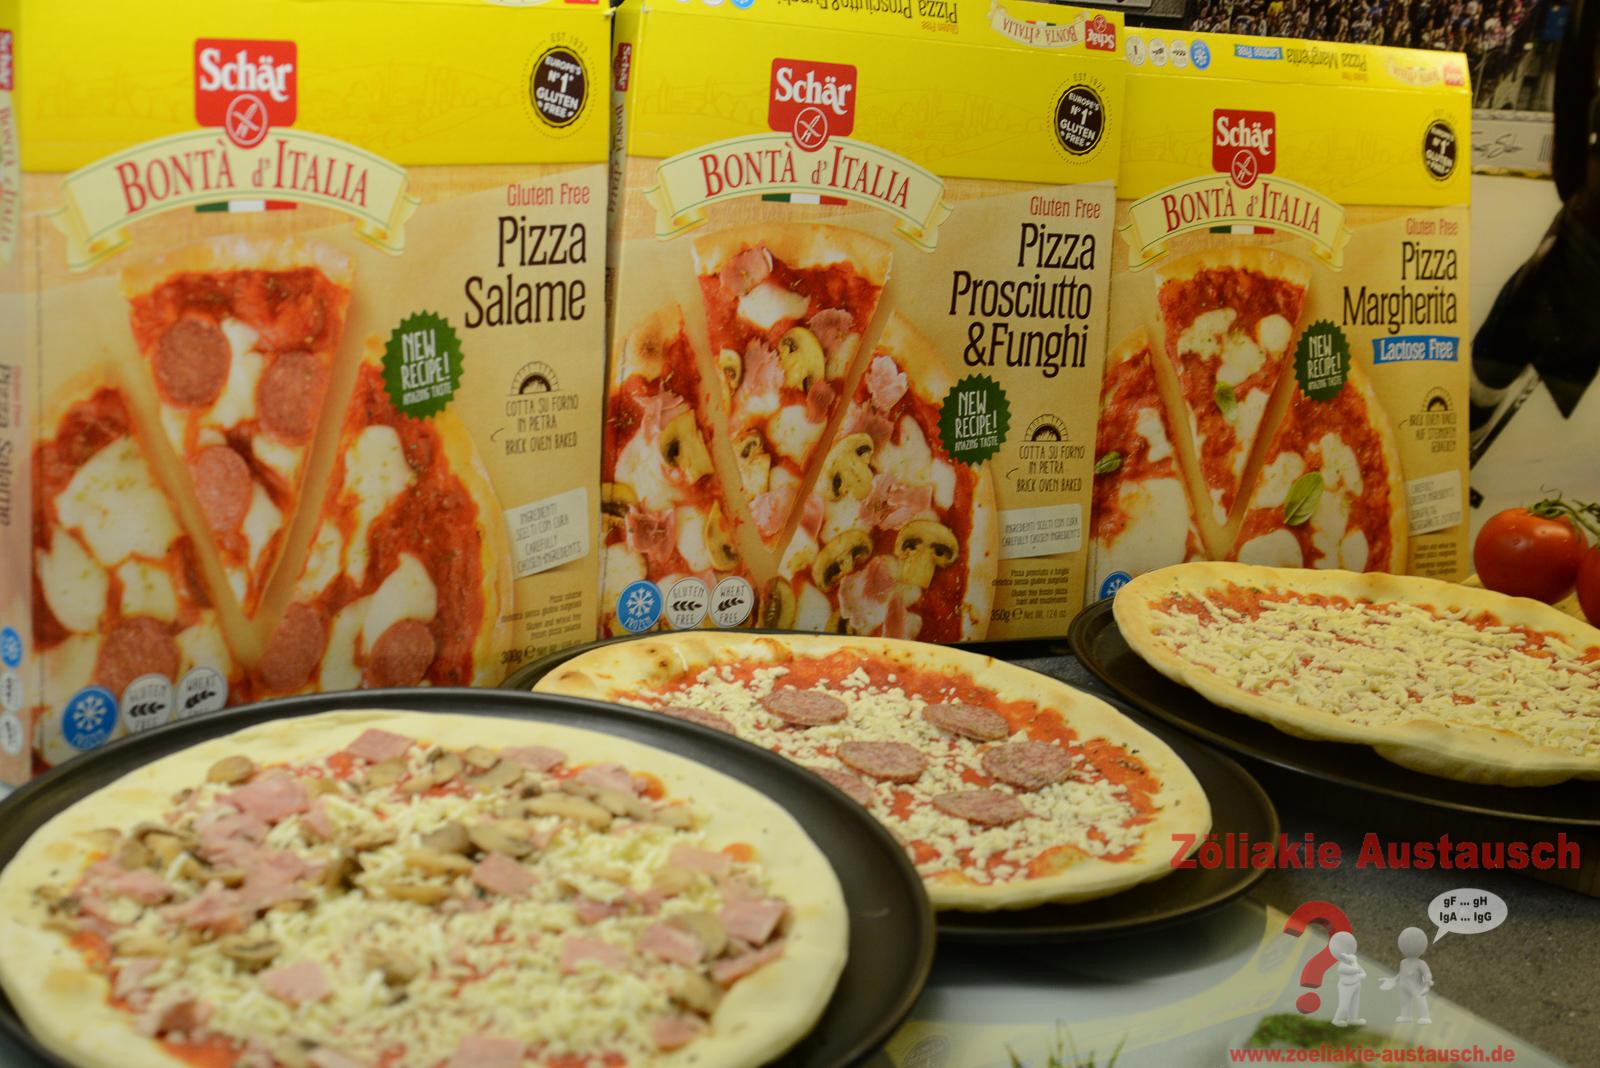 Schaer_Pizza-Zoeliakie_Austausch_021